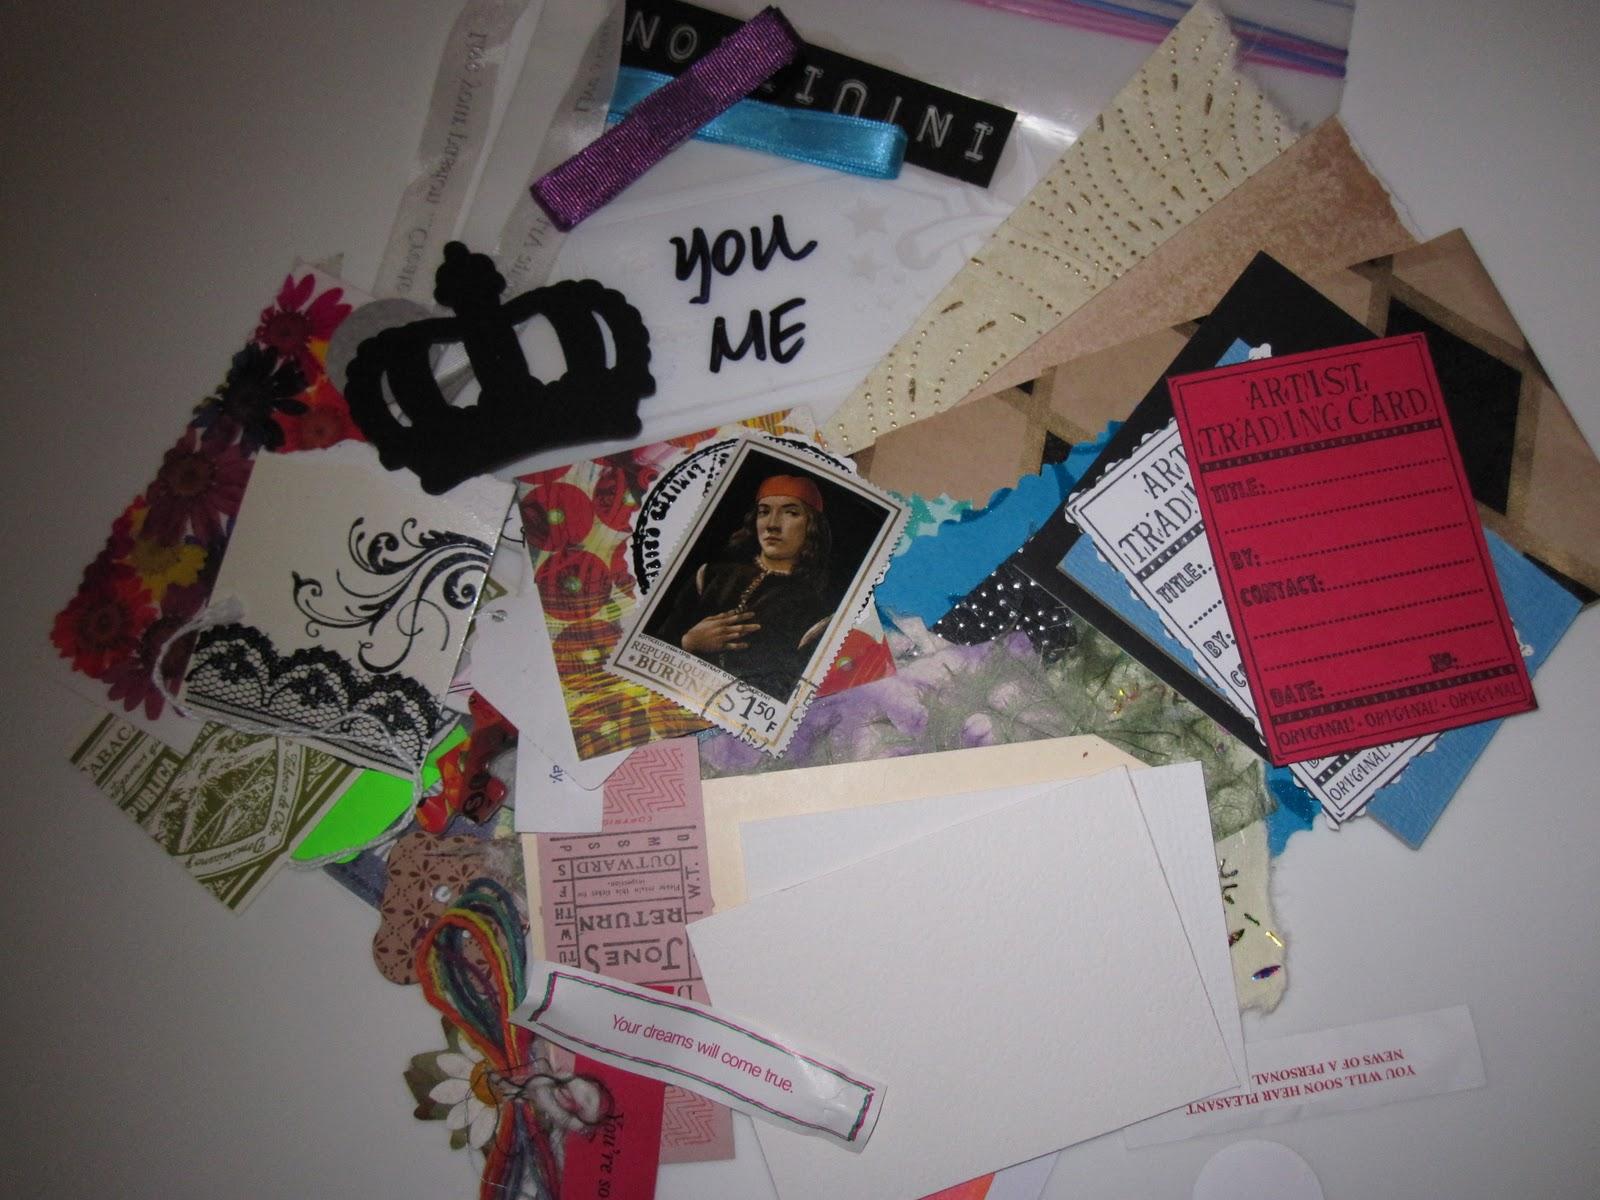 http://2.bp.blogspot.com/_JbgQcrmDGG0/TT4CXfUxkiI/AAAAAAAACk4/frxhNleeD-g/s1600/2011+01+24_2606.JPG